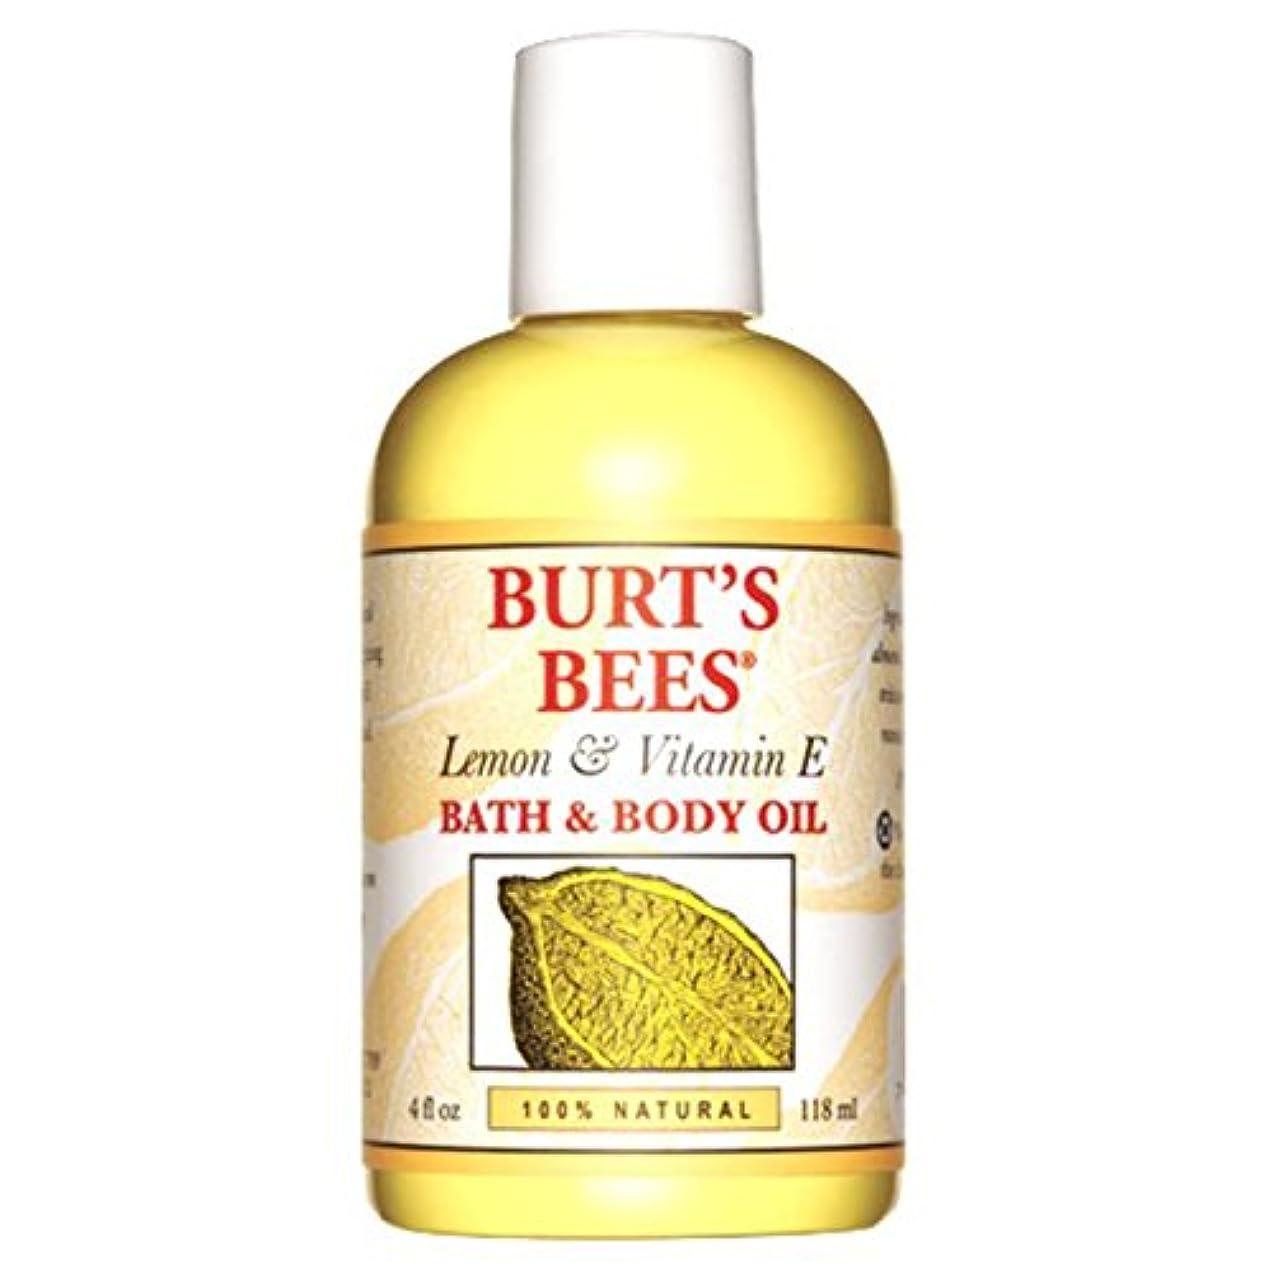 機関凶暴なかび臭いバーツビーズ (Burt's Bees) L&E バス&ボディオイル 118ml